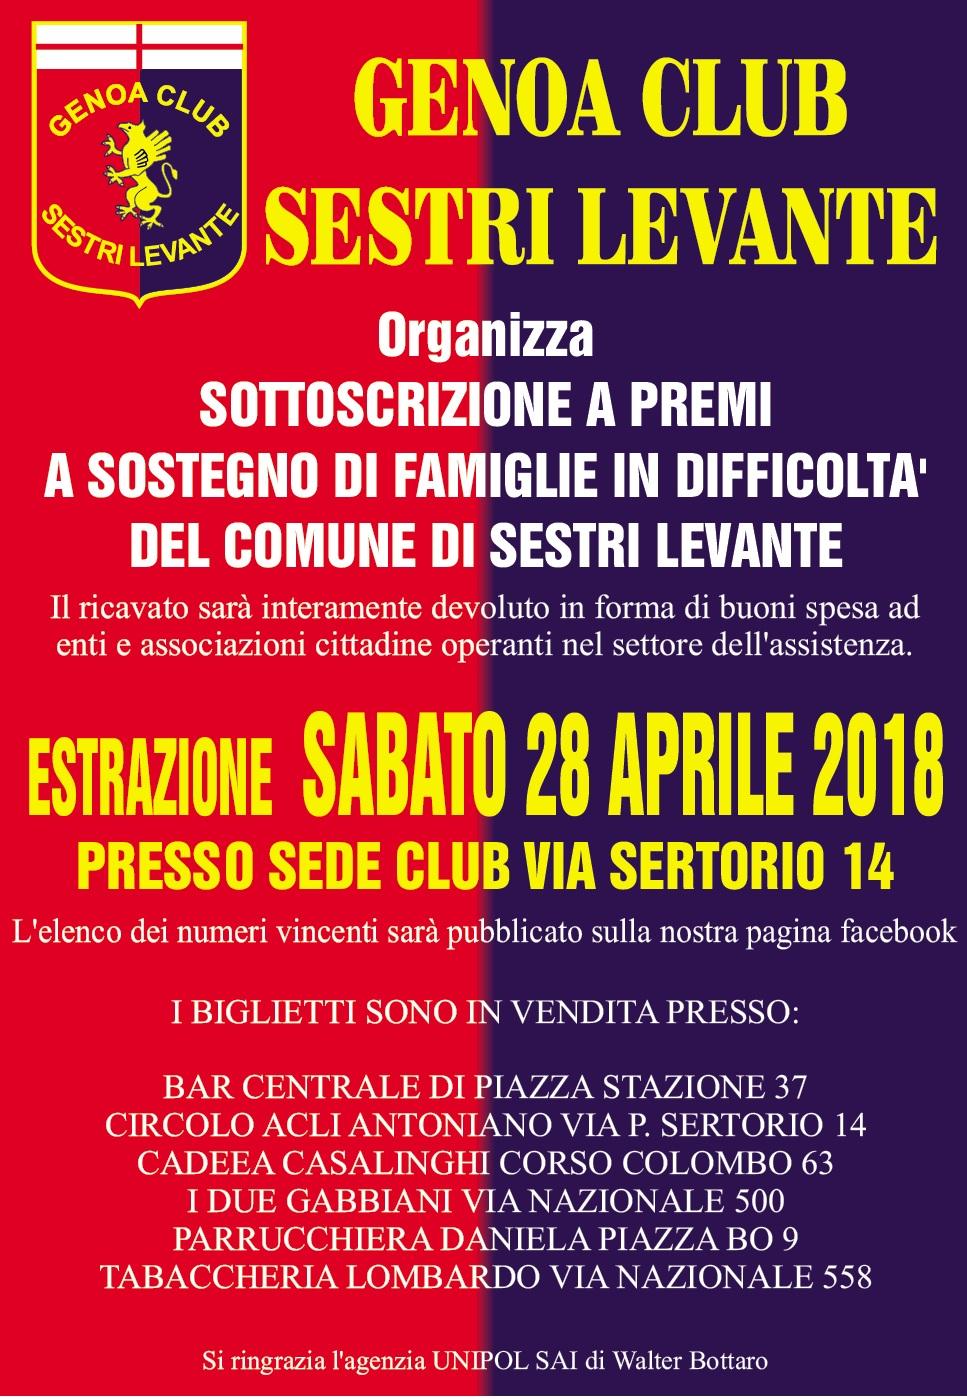 Lotteria Genoa Club Sestri Levante